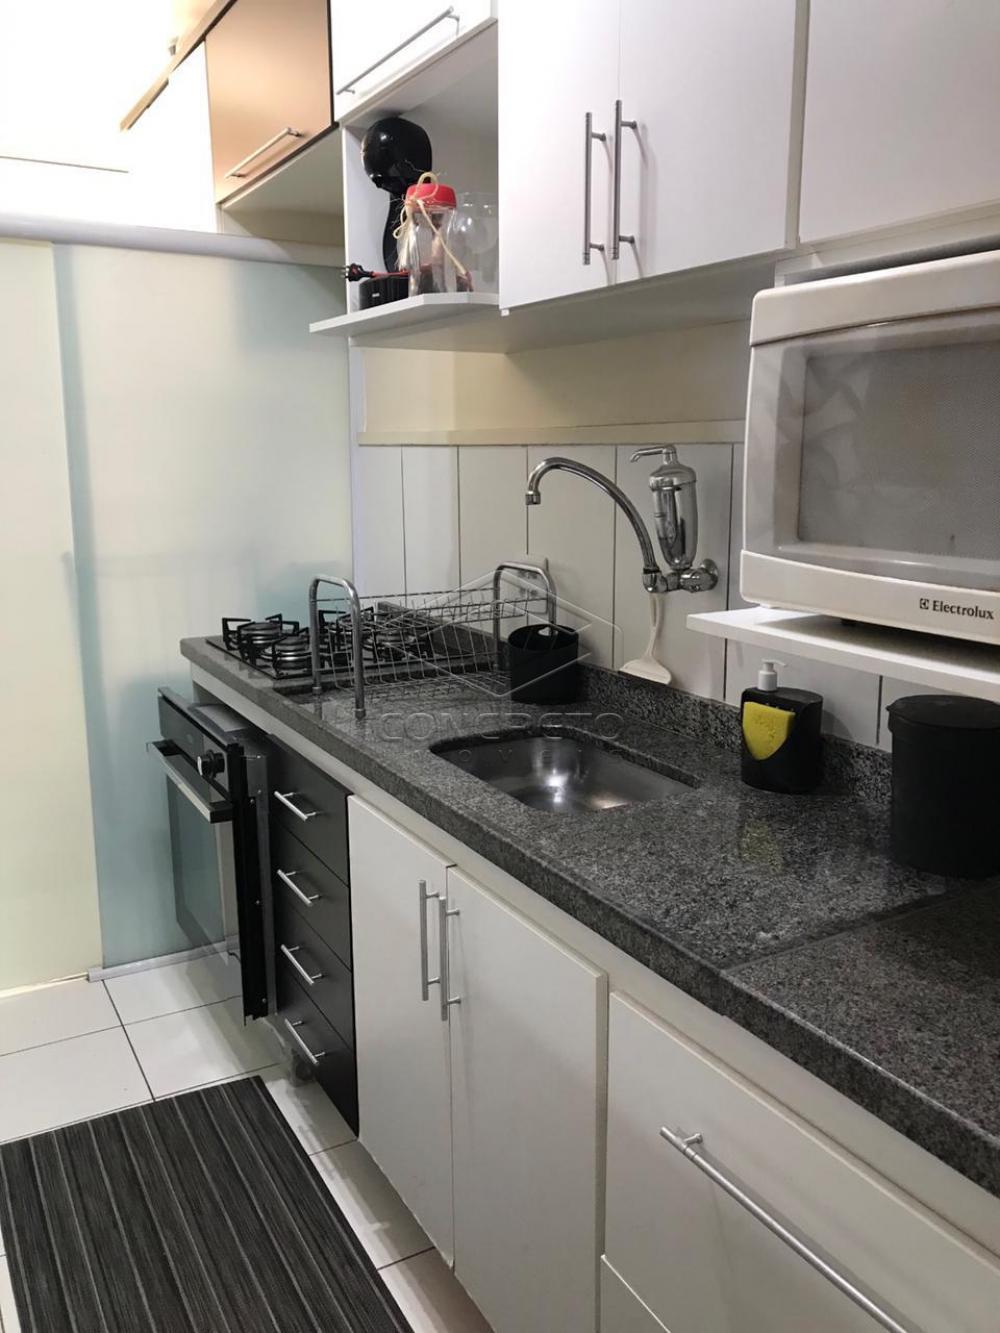 Comprar Apartamento / Padrão em Bauru R$ 224.000,00 - Foto 7